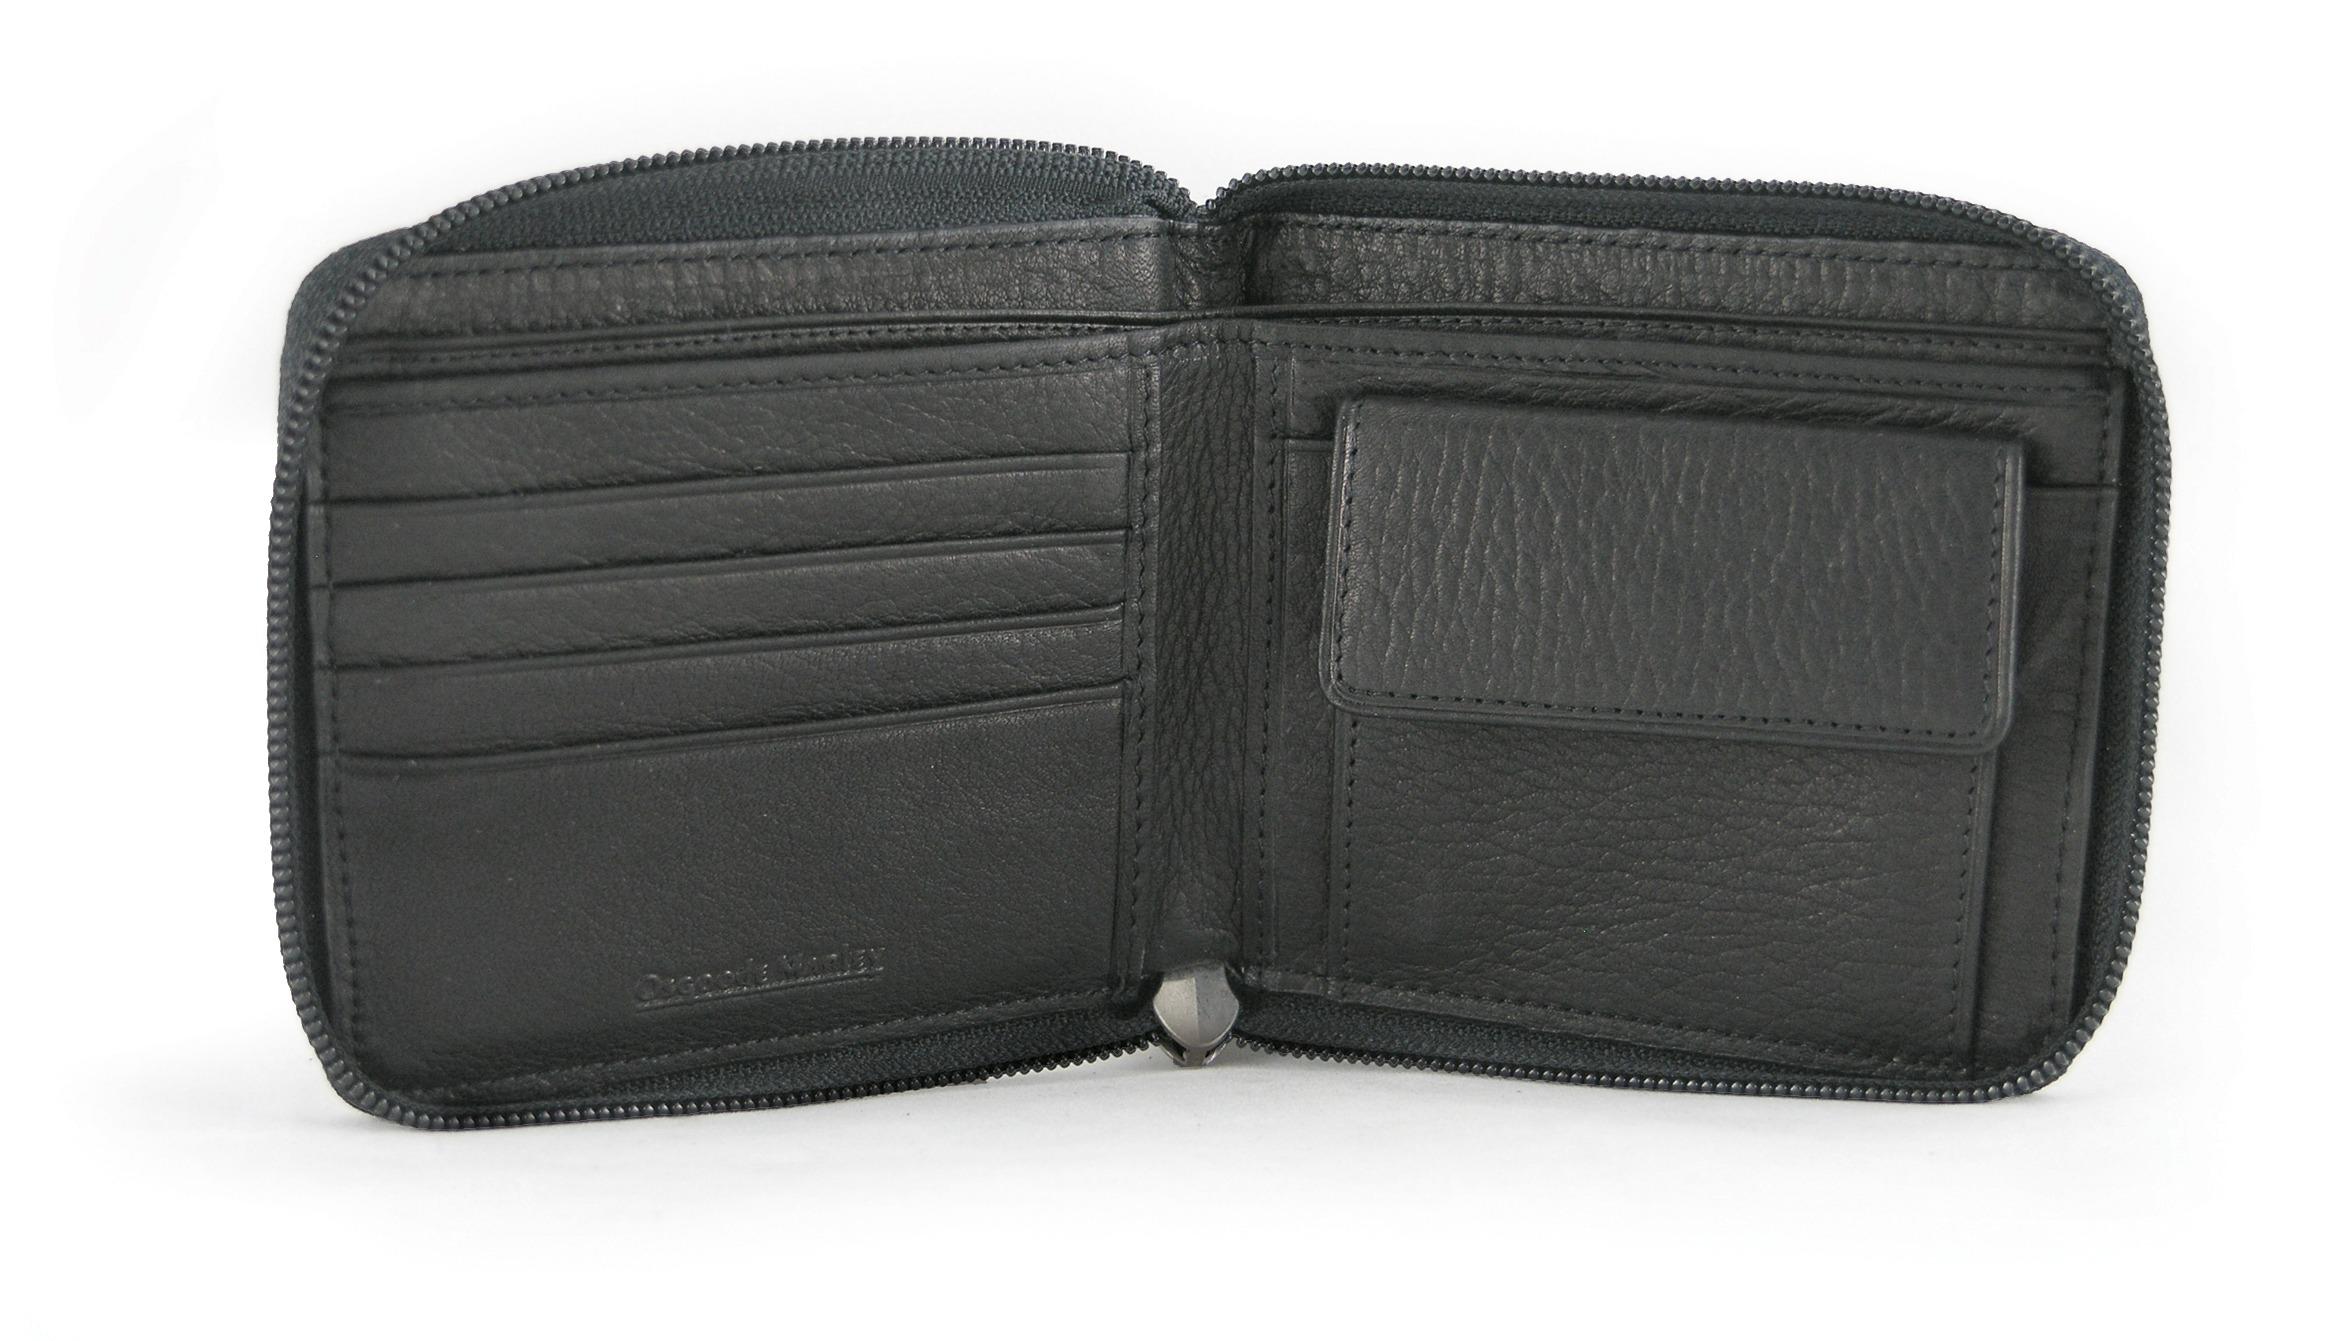 Osgoode Marley #1537 Zip Coin Wallet